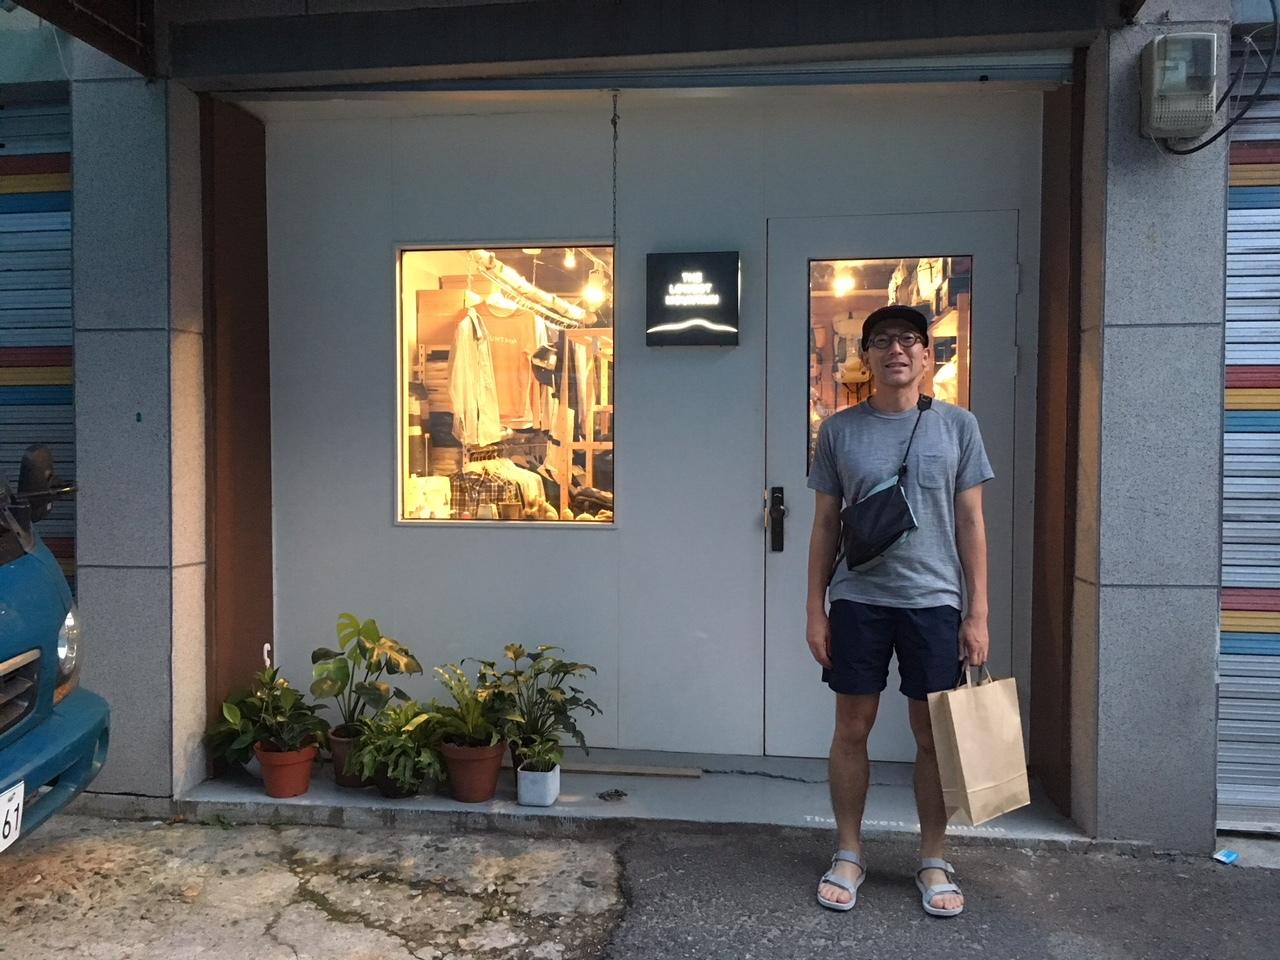 2018.6.14-16 滞在45時間の濃厚Seoul Trip_b0219778_22394503.jpeg